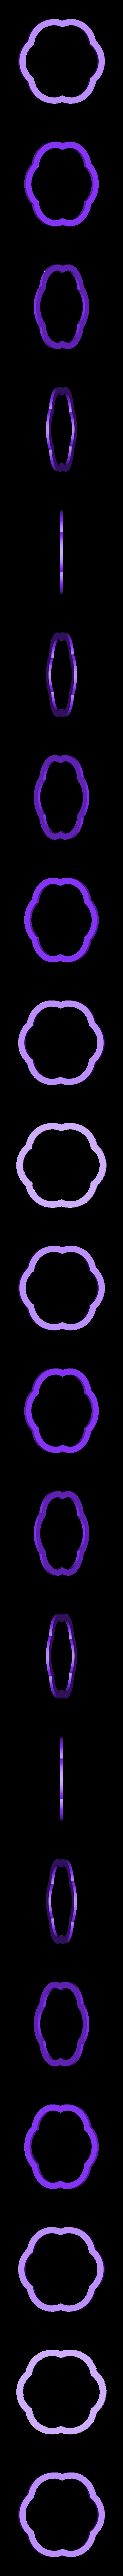 """bowl_3.stl Télécharger fichier STL gratuit Ensemble de cuisine """"Spring"""" • Plan à imprimer en 3D, TanyaAkinora"""